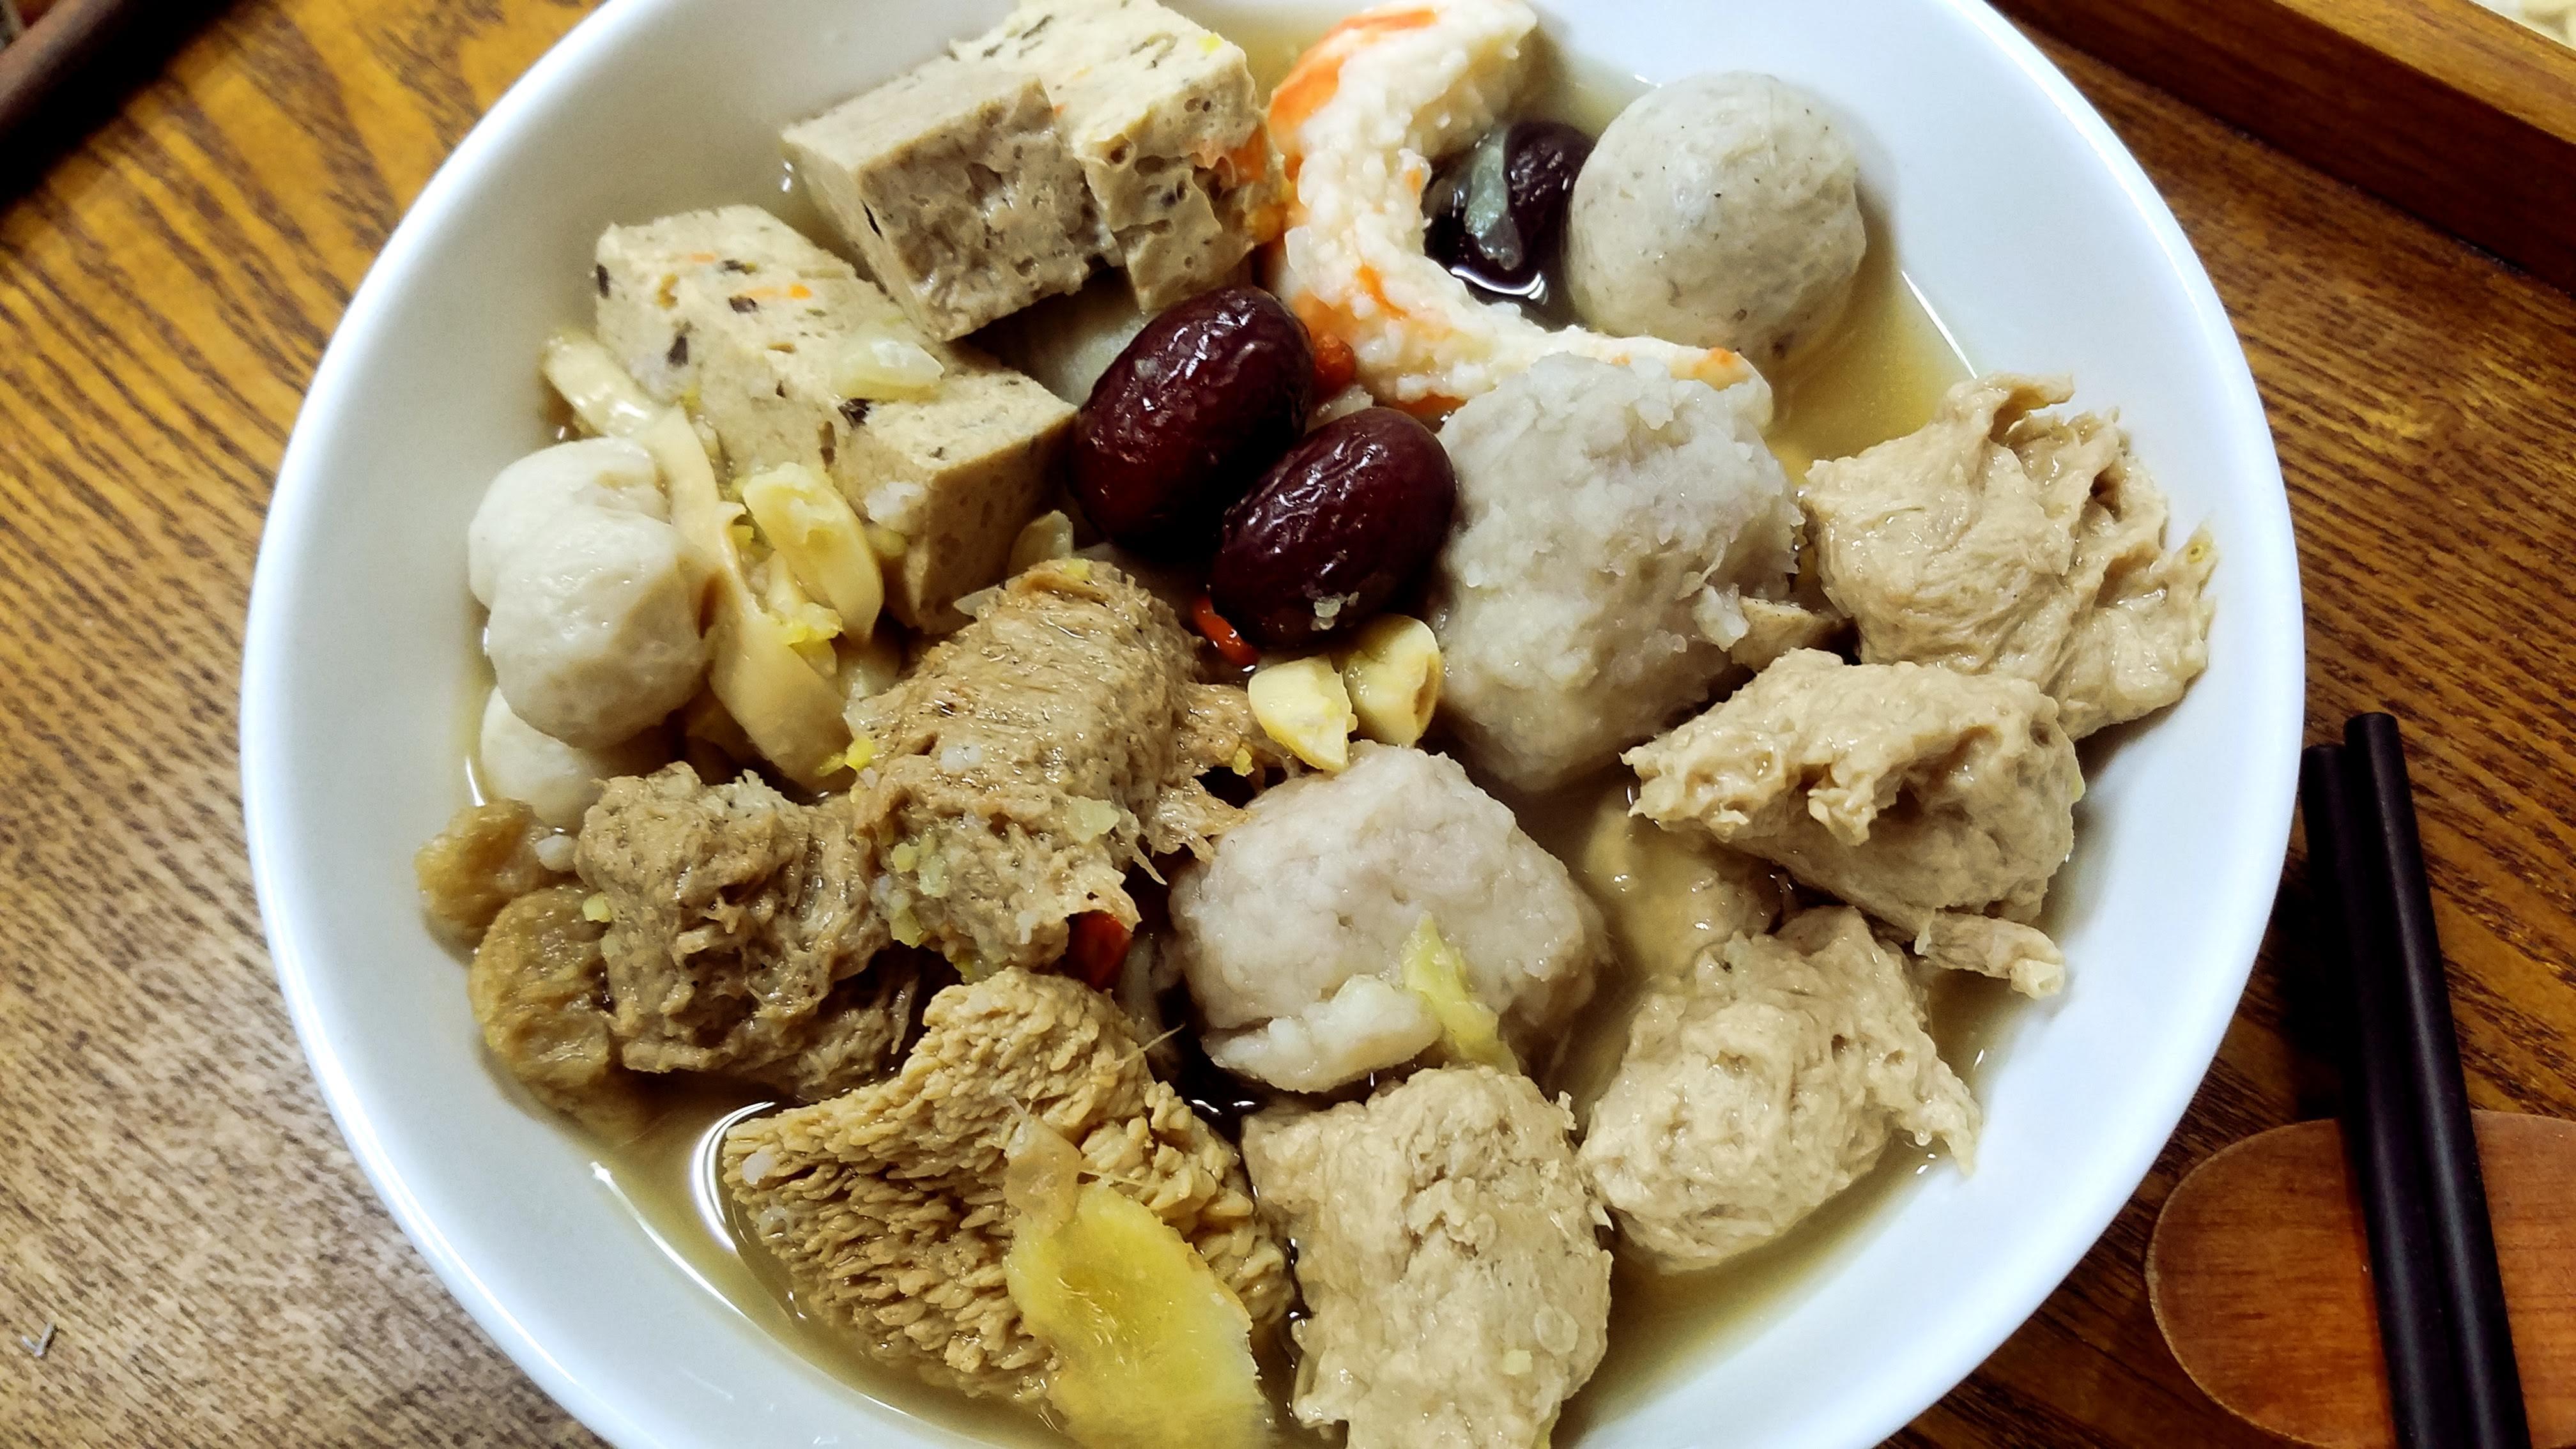 佛跳牆(素)-【利津食品行】辦桌 宴席 年菜 素食 養生 冷凍食品